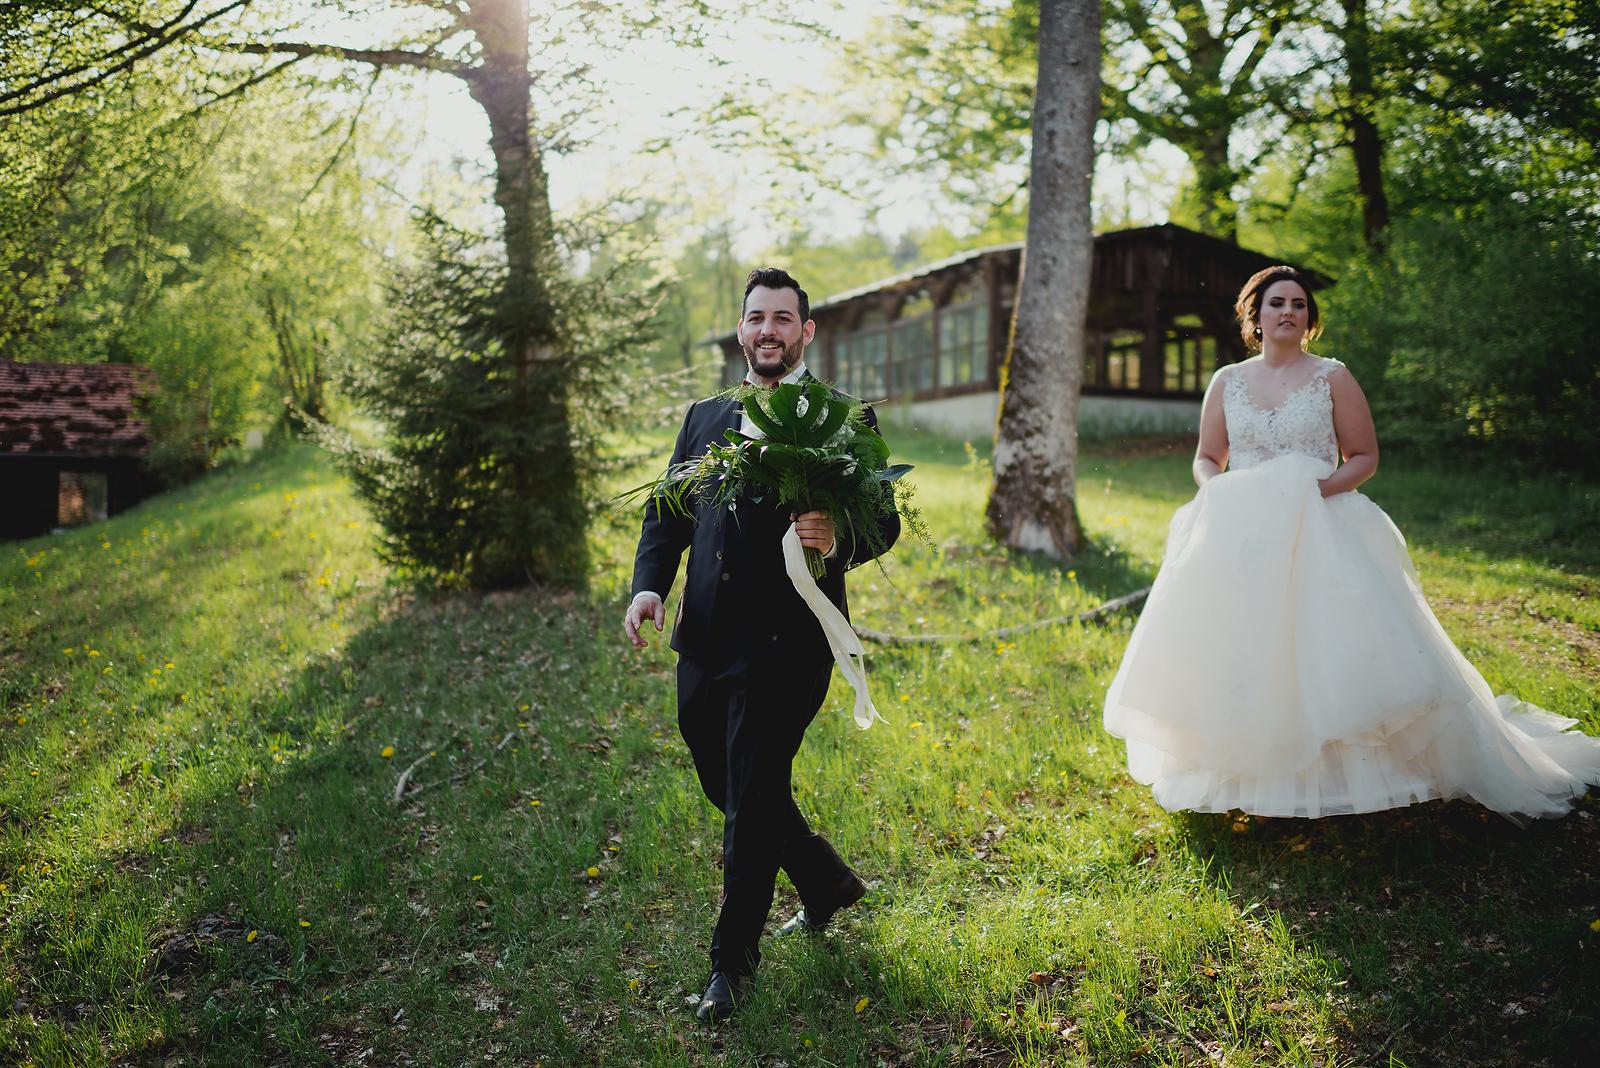 Referenz_Hochzeit_Kollektiv_EIS-54.JPG